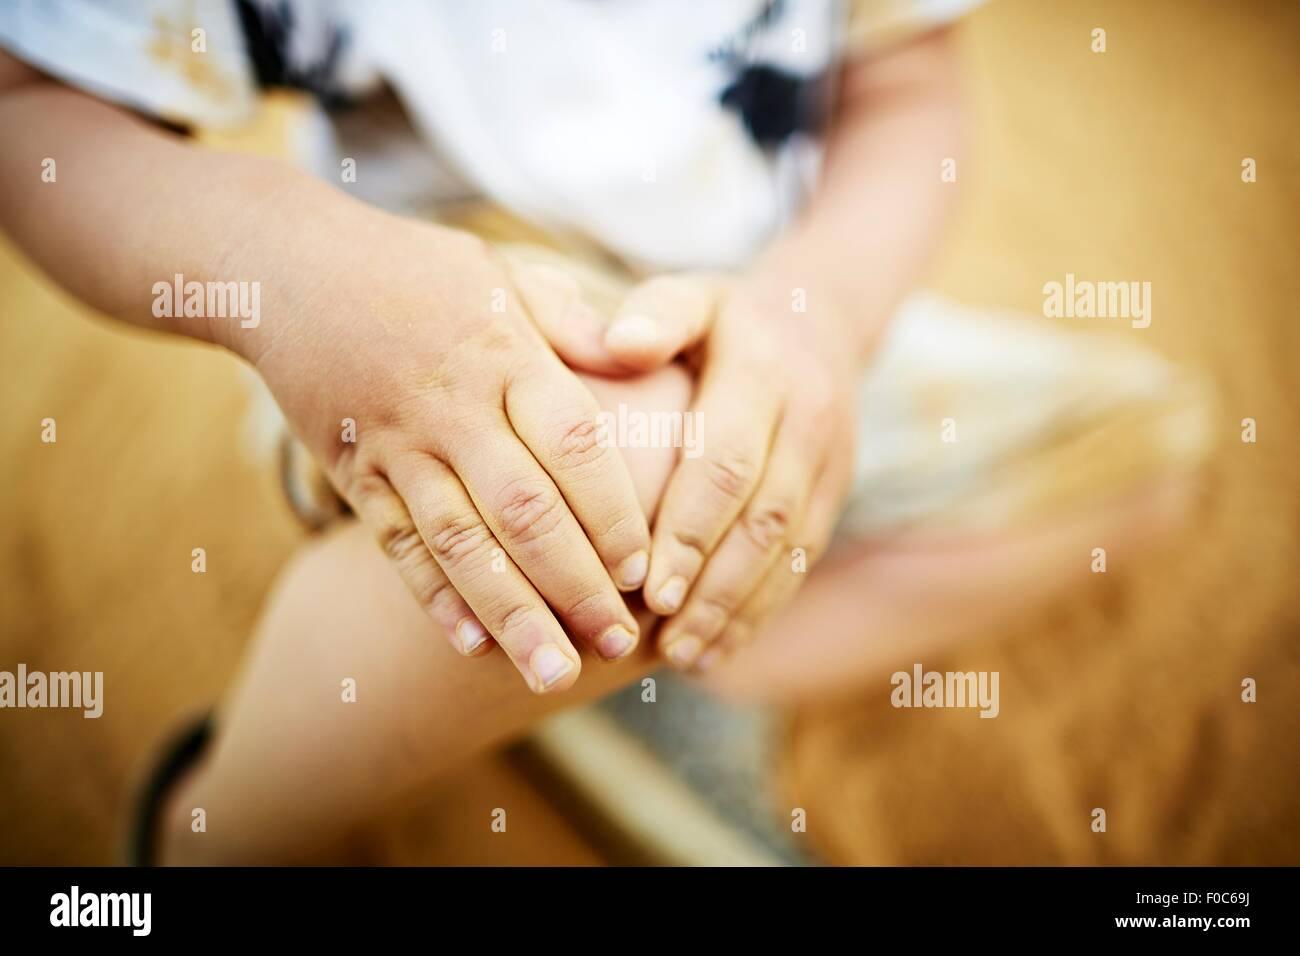 Cerca de su rodilla niño sosteniendo con sus manos Imagen De Stock